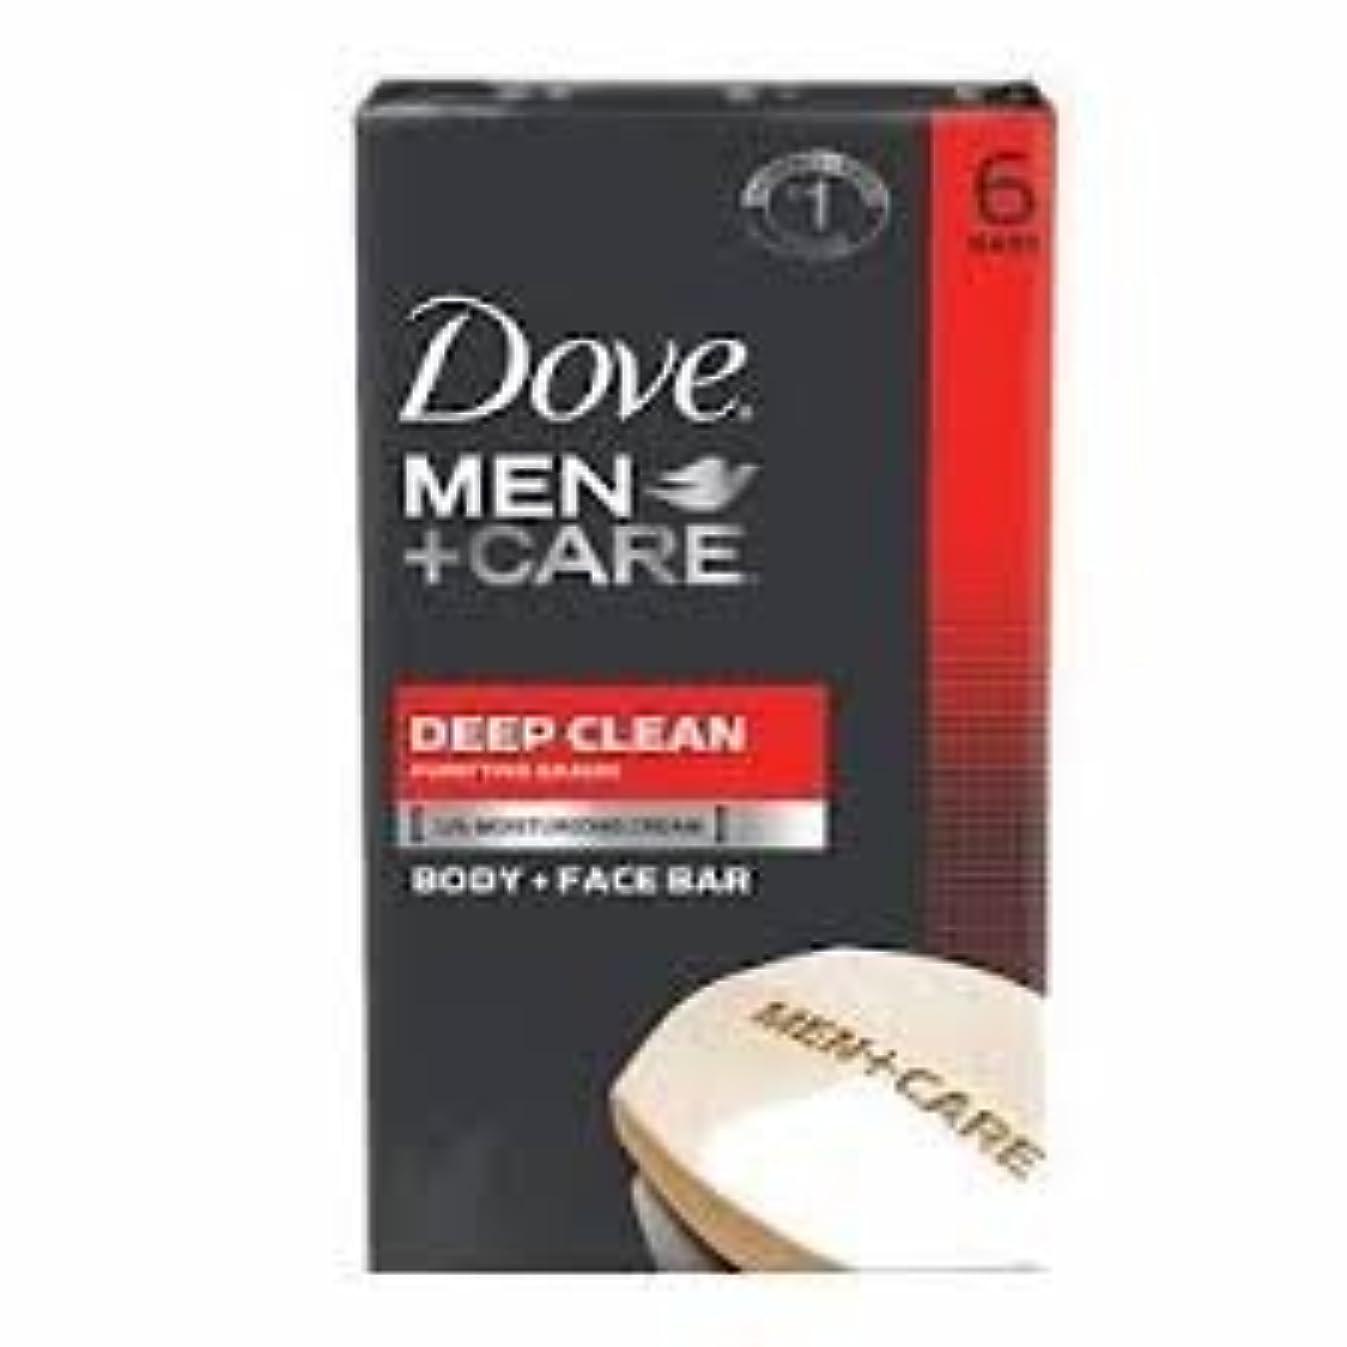 ハリウッドシーサイド常習者Dove Men + Care Body and Face Bar, Deep Clean 4oz x 6Bars ダブ メン プラスケア ディープ クリーン ソープ 4oz x 6個